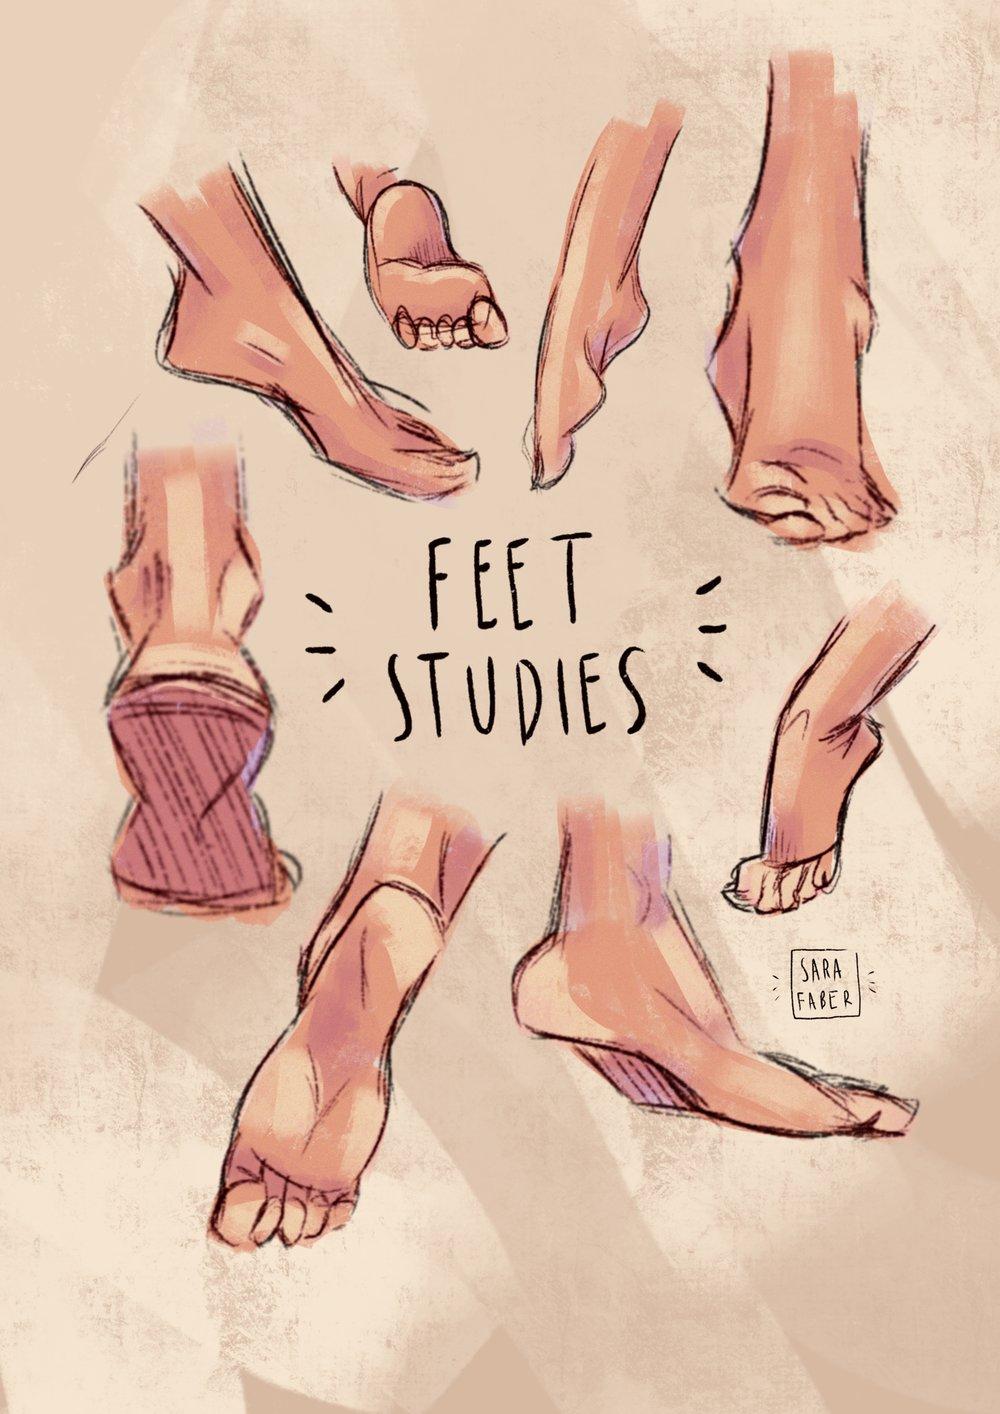 FEET_STUDIES.jpg